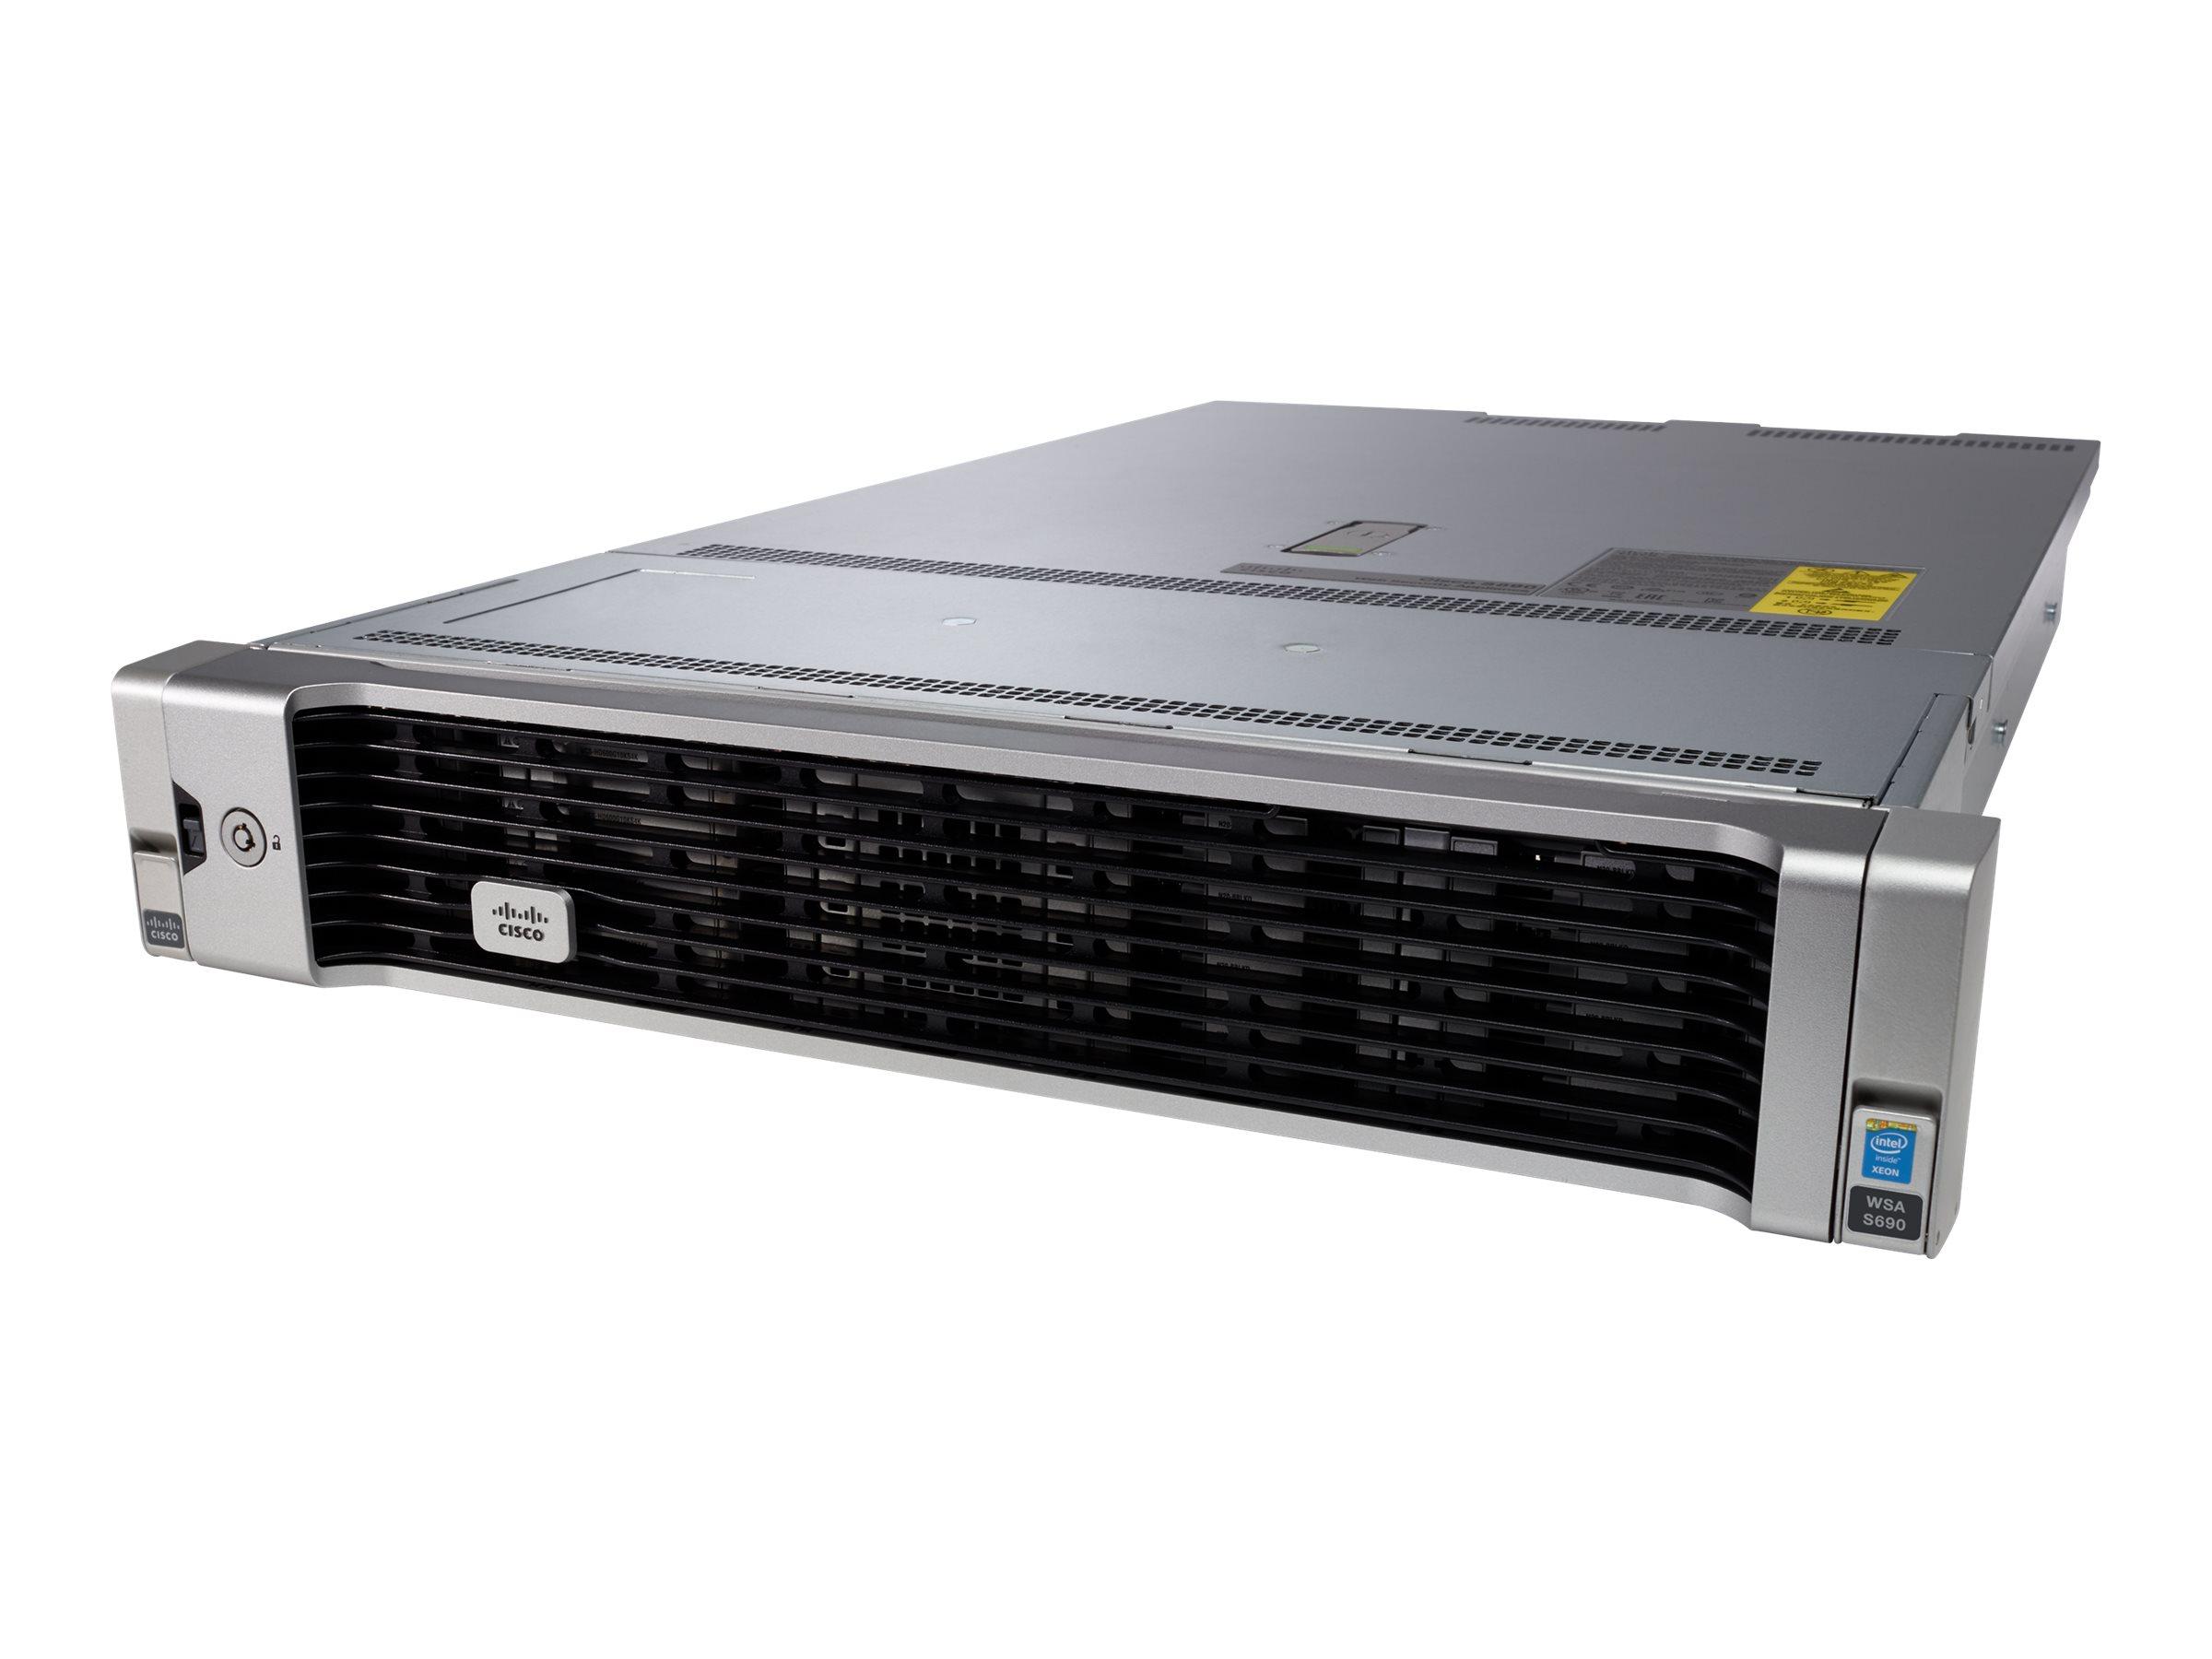 Cisco Web Security Appliance S690 with Software - Sicherheitsgerät - 6 Anschlüsse - GigE - 2U - Rack-montierbar